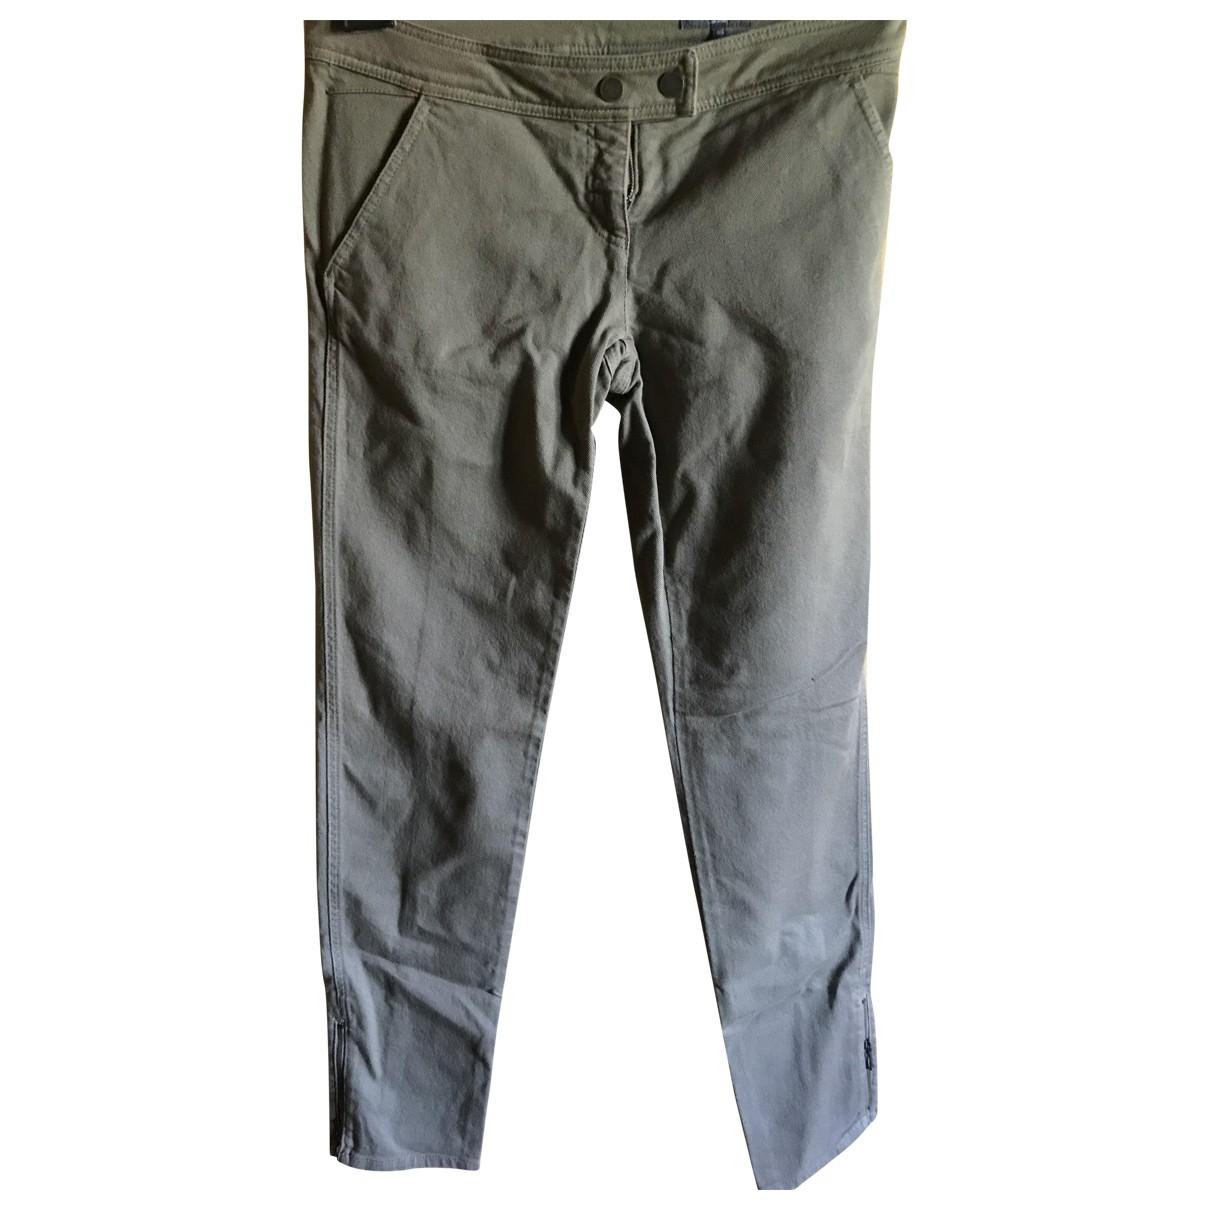 Alexander Mcqueen \N Khaki Denim - Jeans Trousers for Women 46 IT